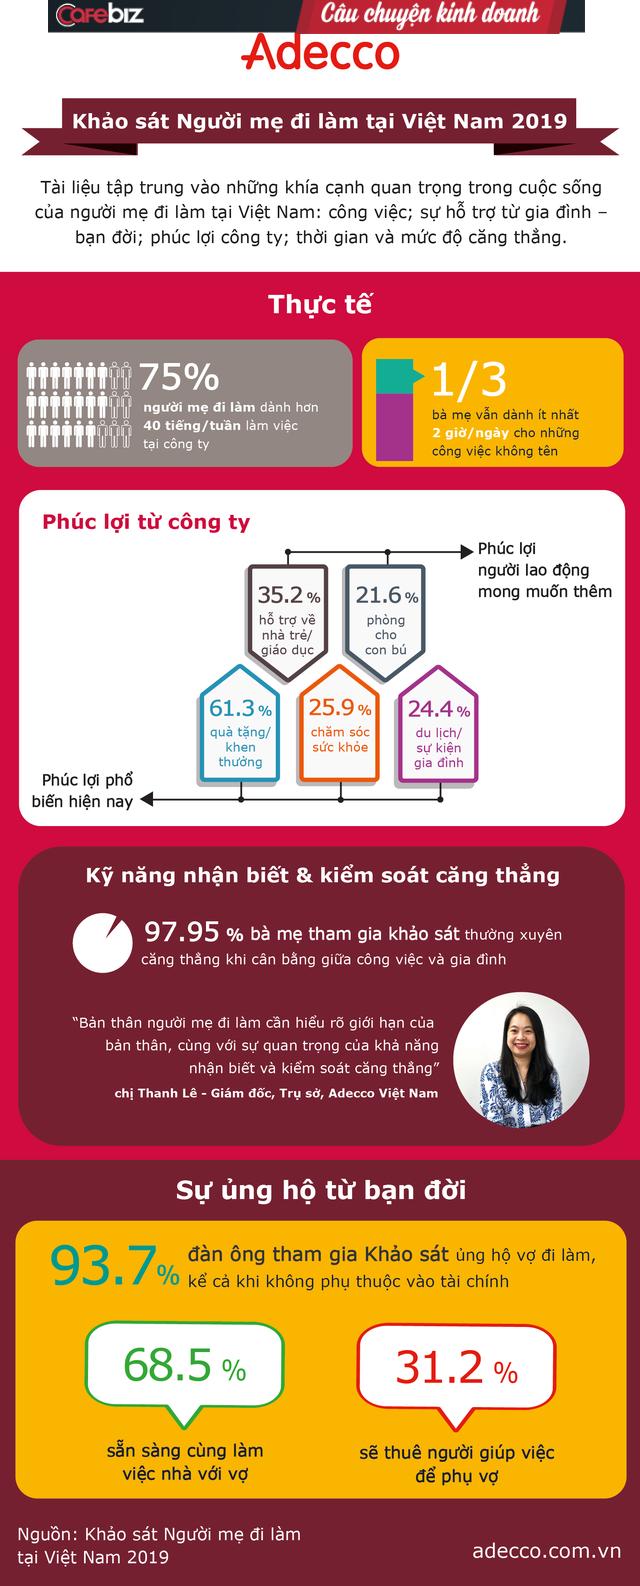 Khảo sát về những Người mẹ đi làm ở Việt Nam: Gần 98% các bà mẹ Việt thường xuyên căng thẳng khi cân bằng công việc và gia đình - Ảnh 1.